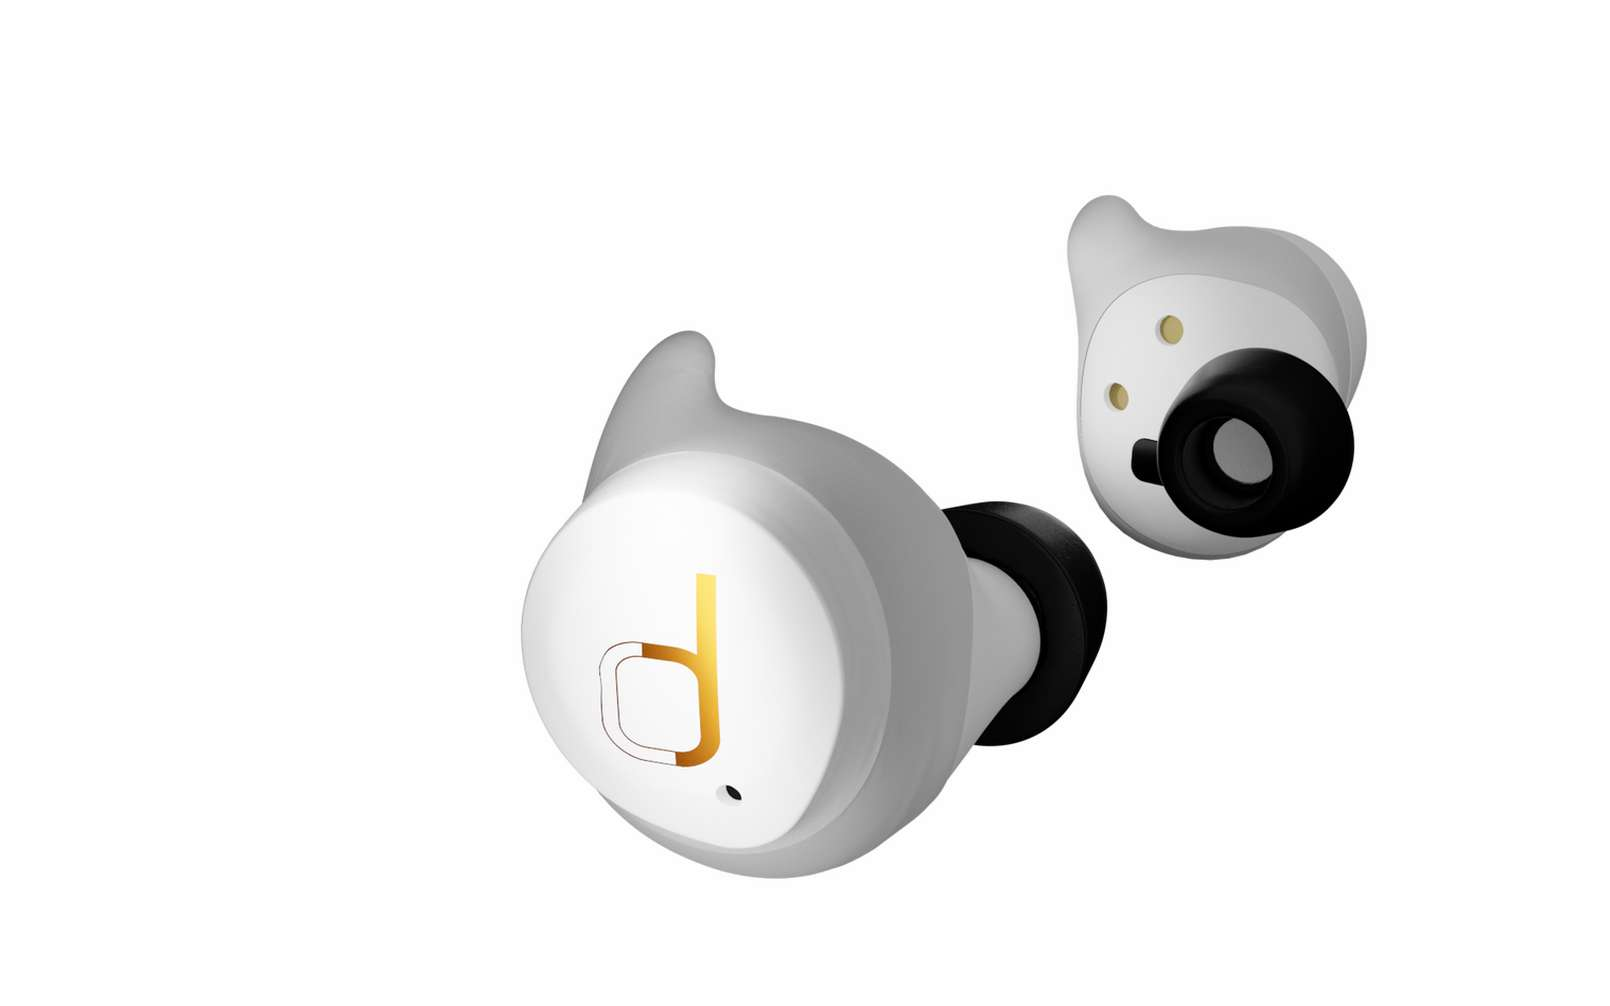 Les écouteurs Bluetooth Divacore AntiPods 2. © Divacore